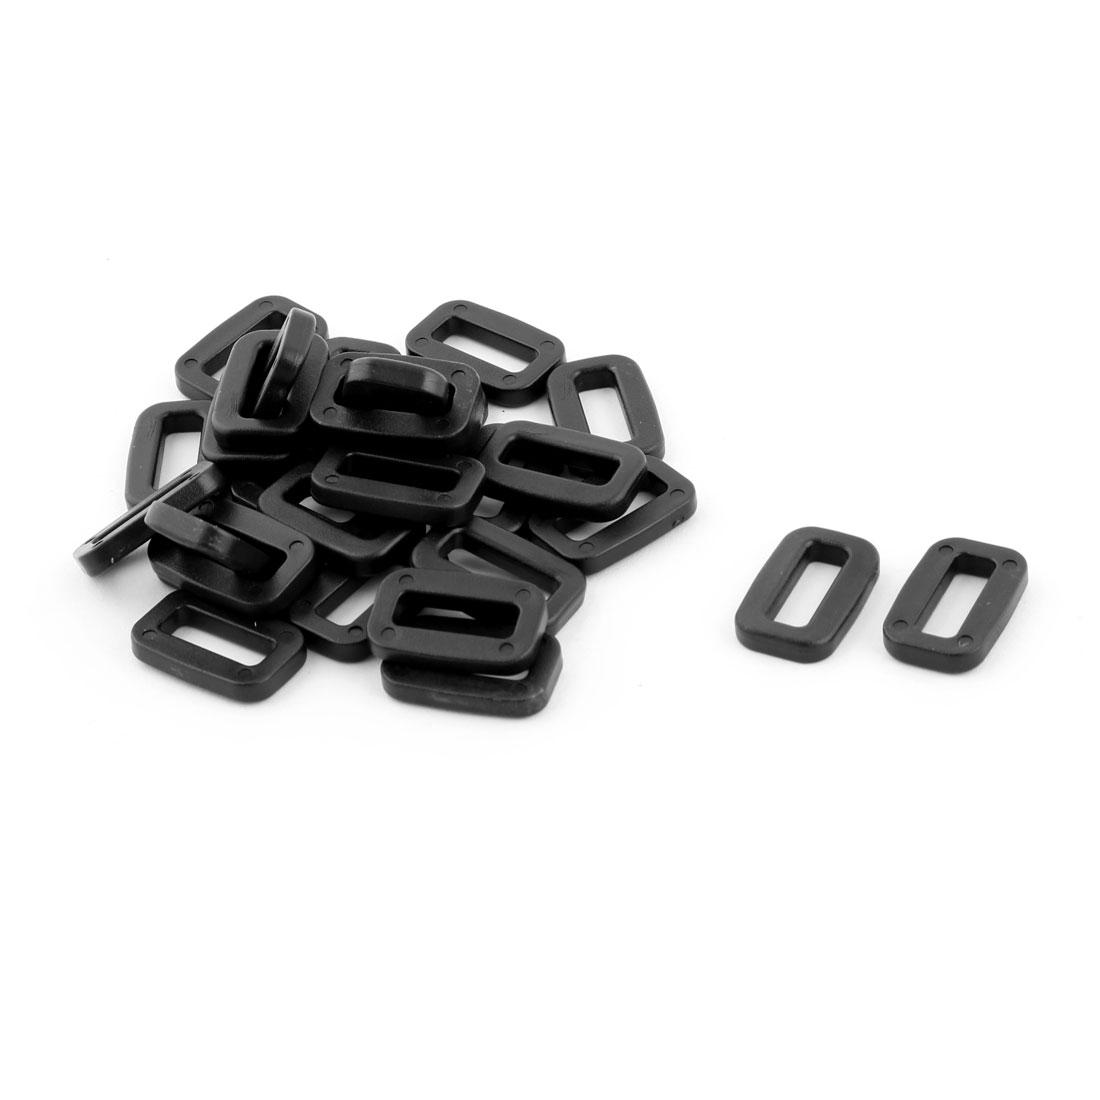 Plastic Schoolbag Belt Adjustive Fastener Tri Glide Buckle Black 15mm Strap Width 30pcs